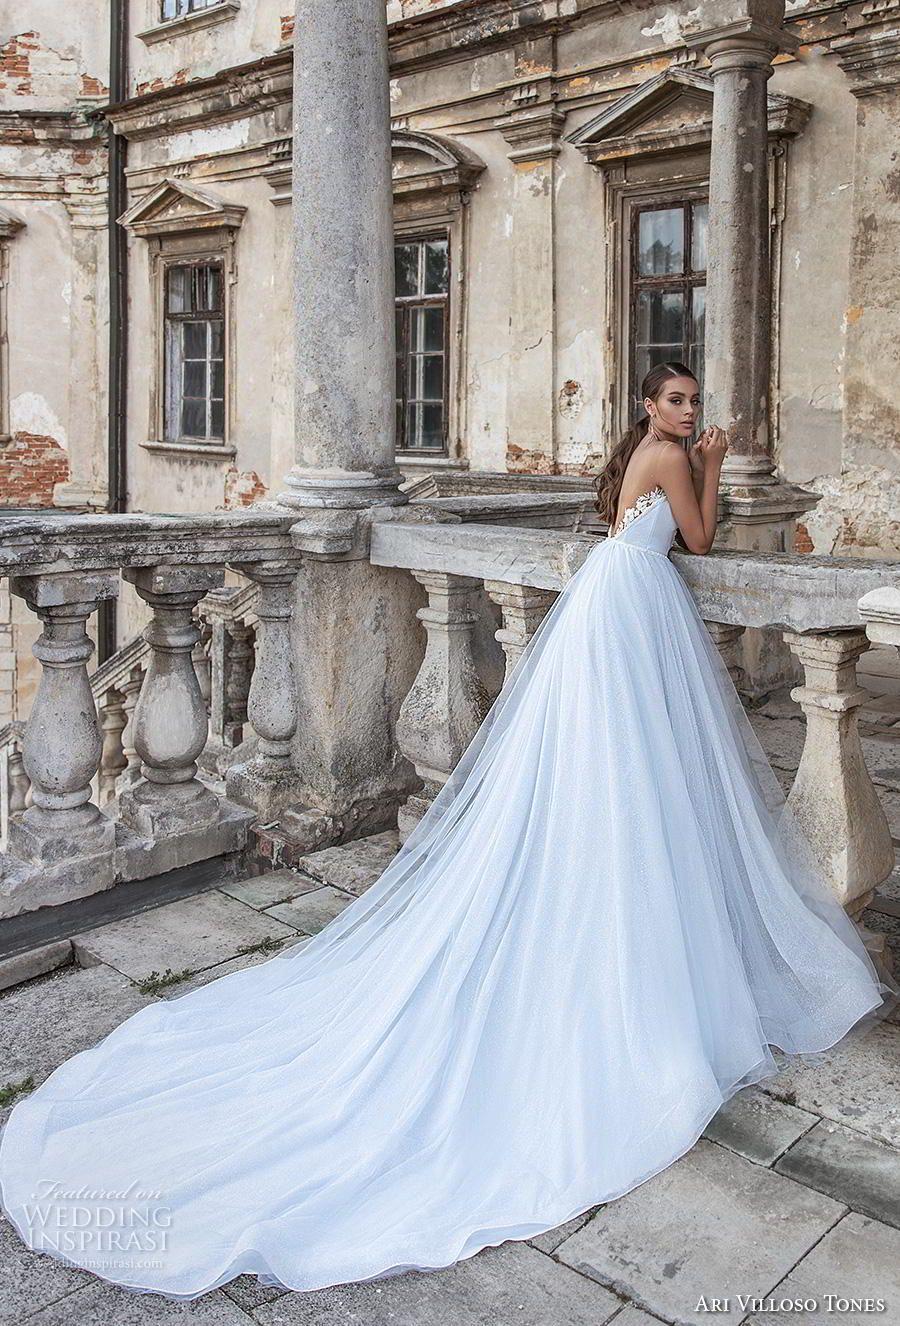 Ari Villoso Tones 2020 Wedding Dresses Allure Bridal Collection Wedding Inspirasi Allure Wedding Dresses Sheer Wedding Dress Light Blue Wedding Dress [ 1326 x 900 Pixel ]